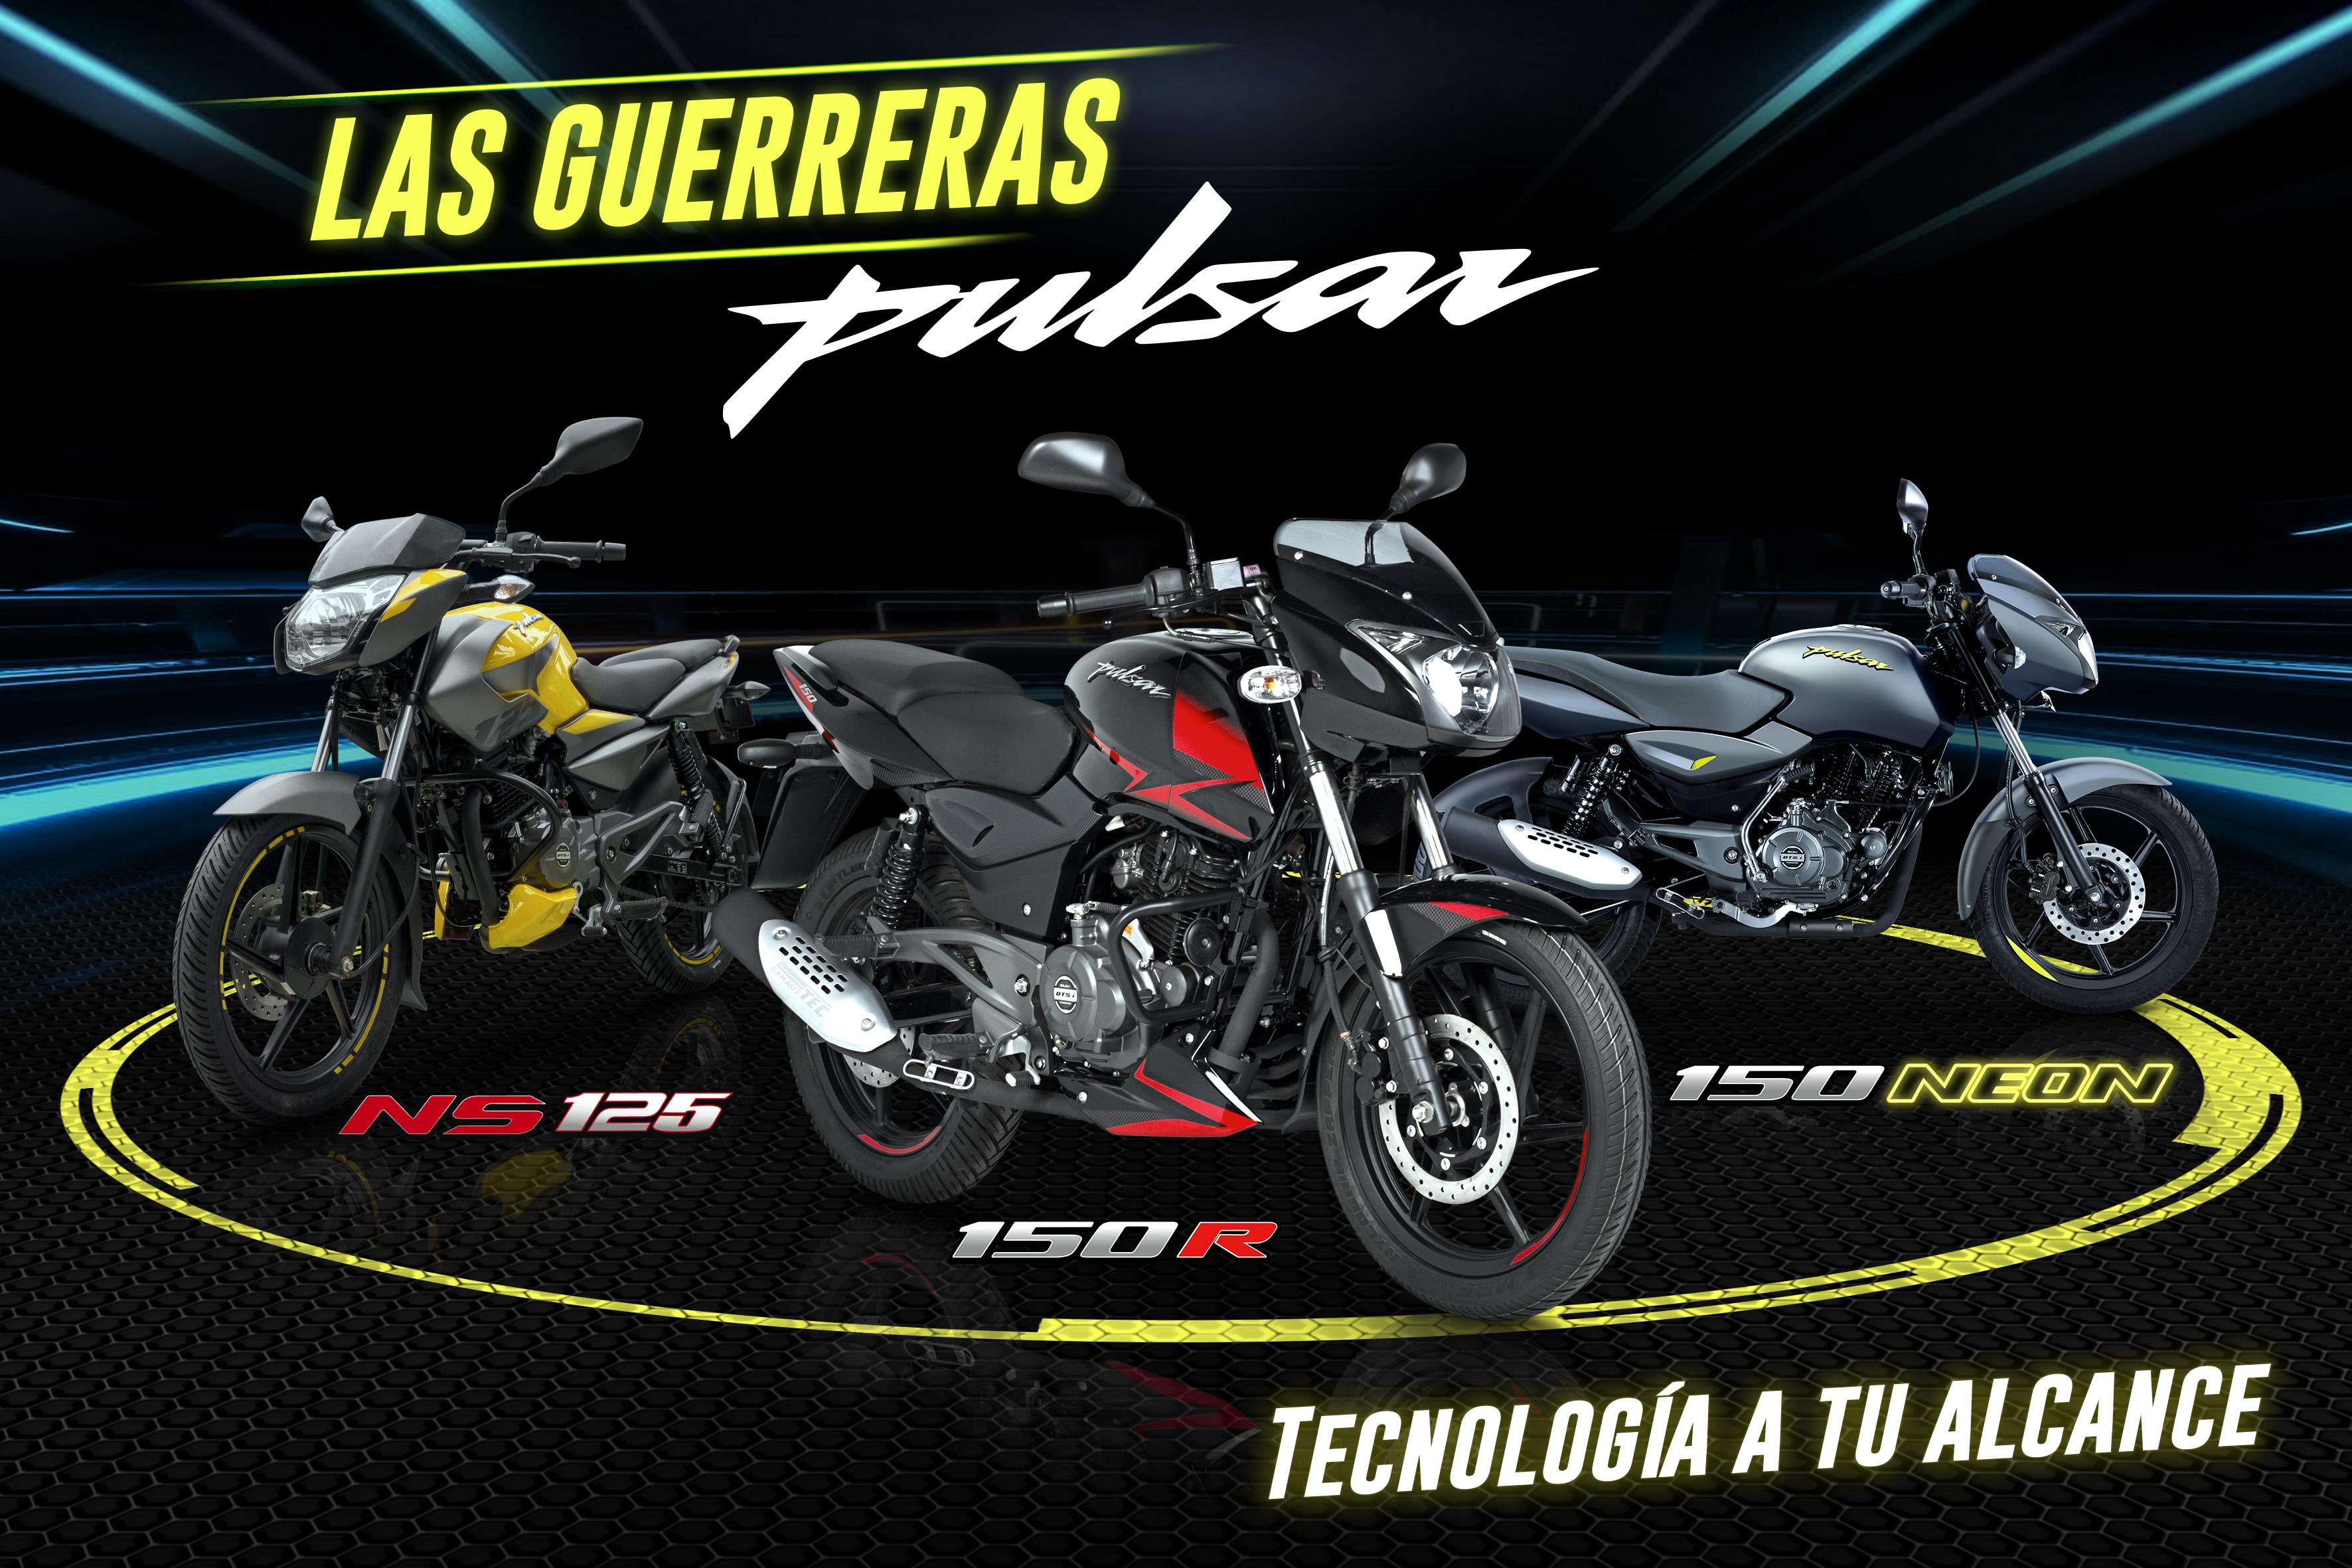 GUERRERAS-TEC-1